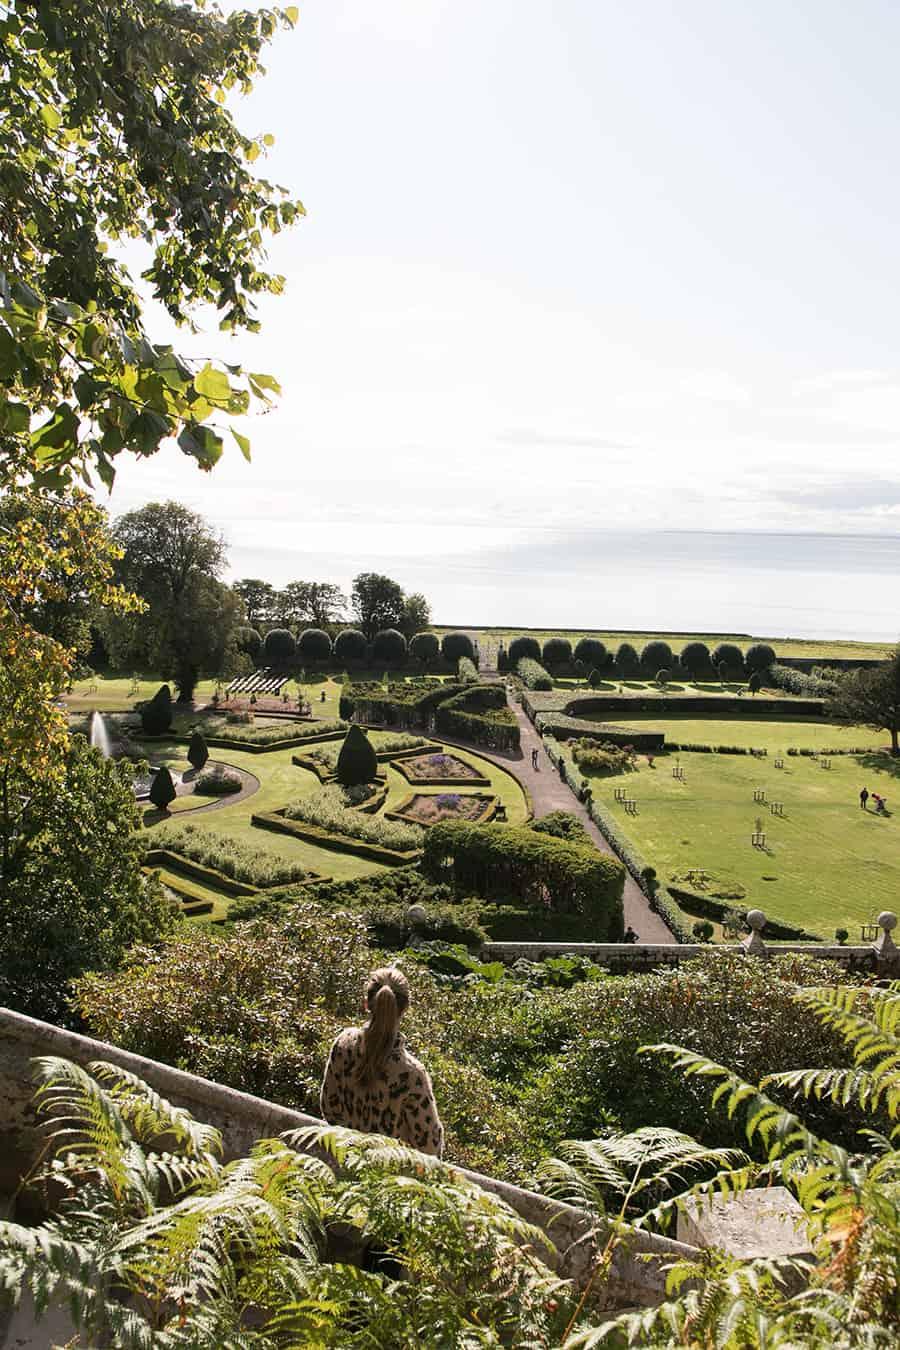 The garden at Dunrobin Castle